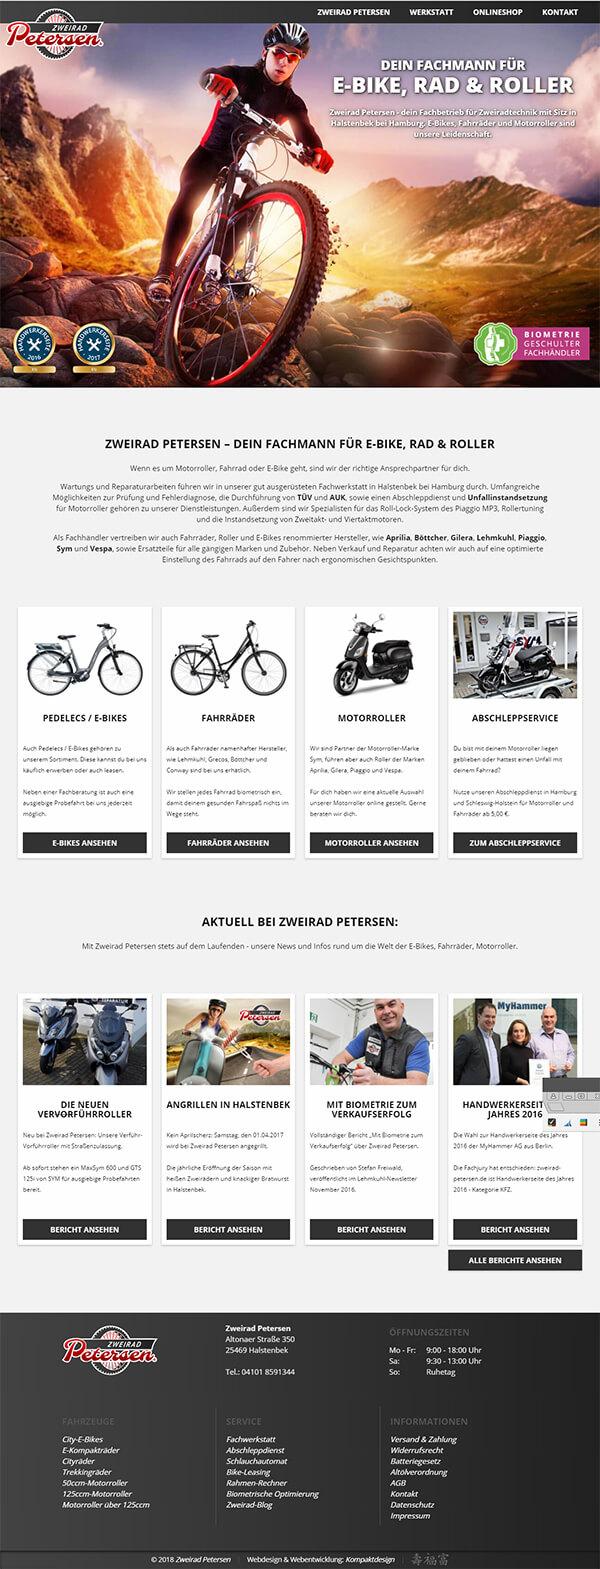 Werkstatt Homepage - Startseite